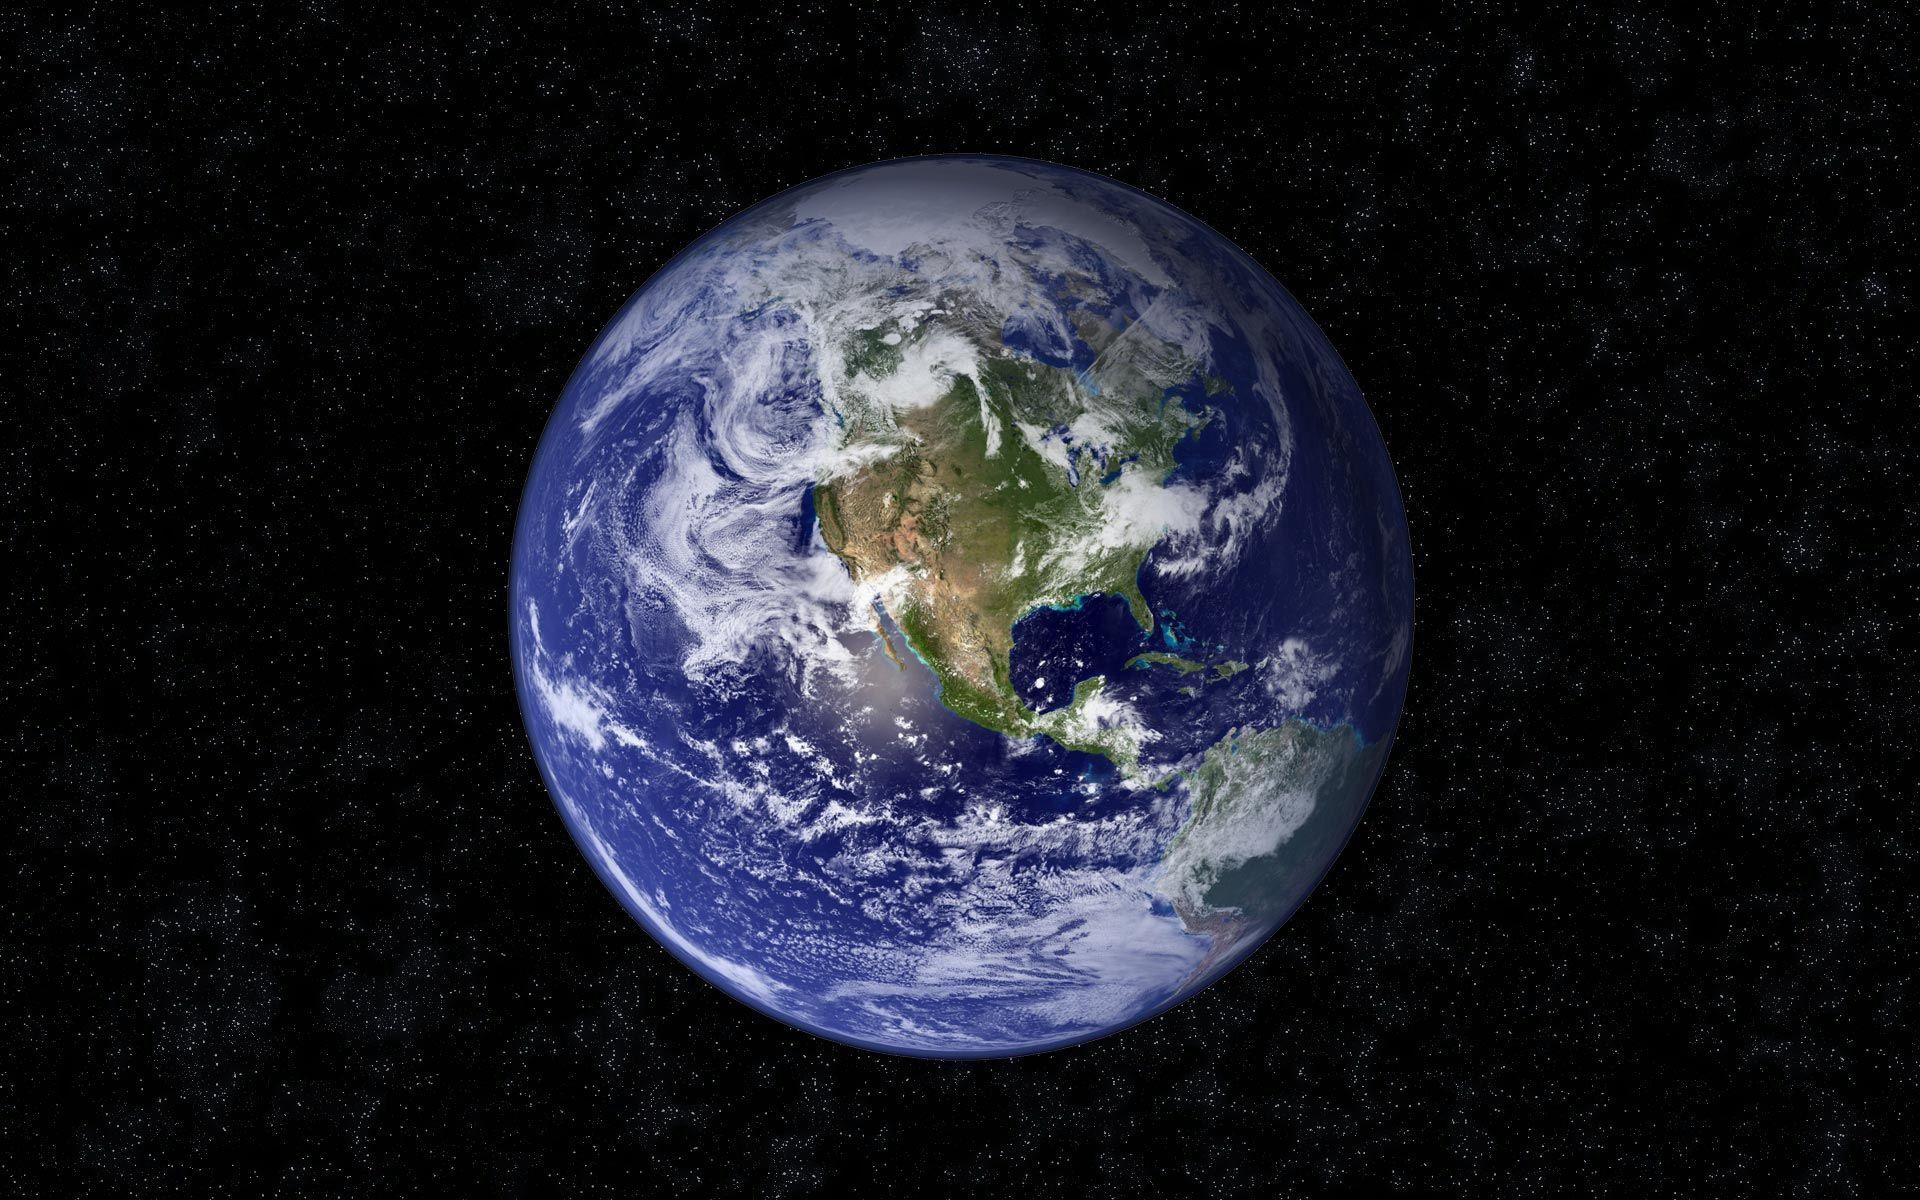 106741 скачать обои Звезды, Космос, Черный, Планета, Голубой, Земля - заставки и картинки бесплатно